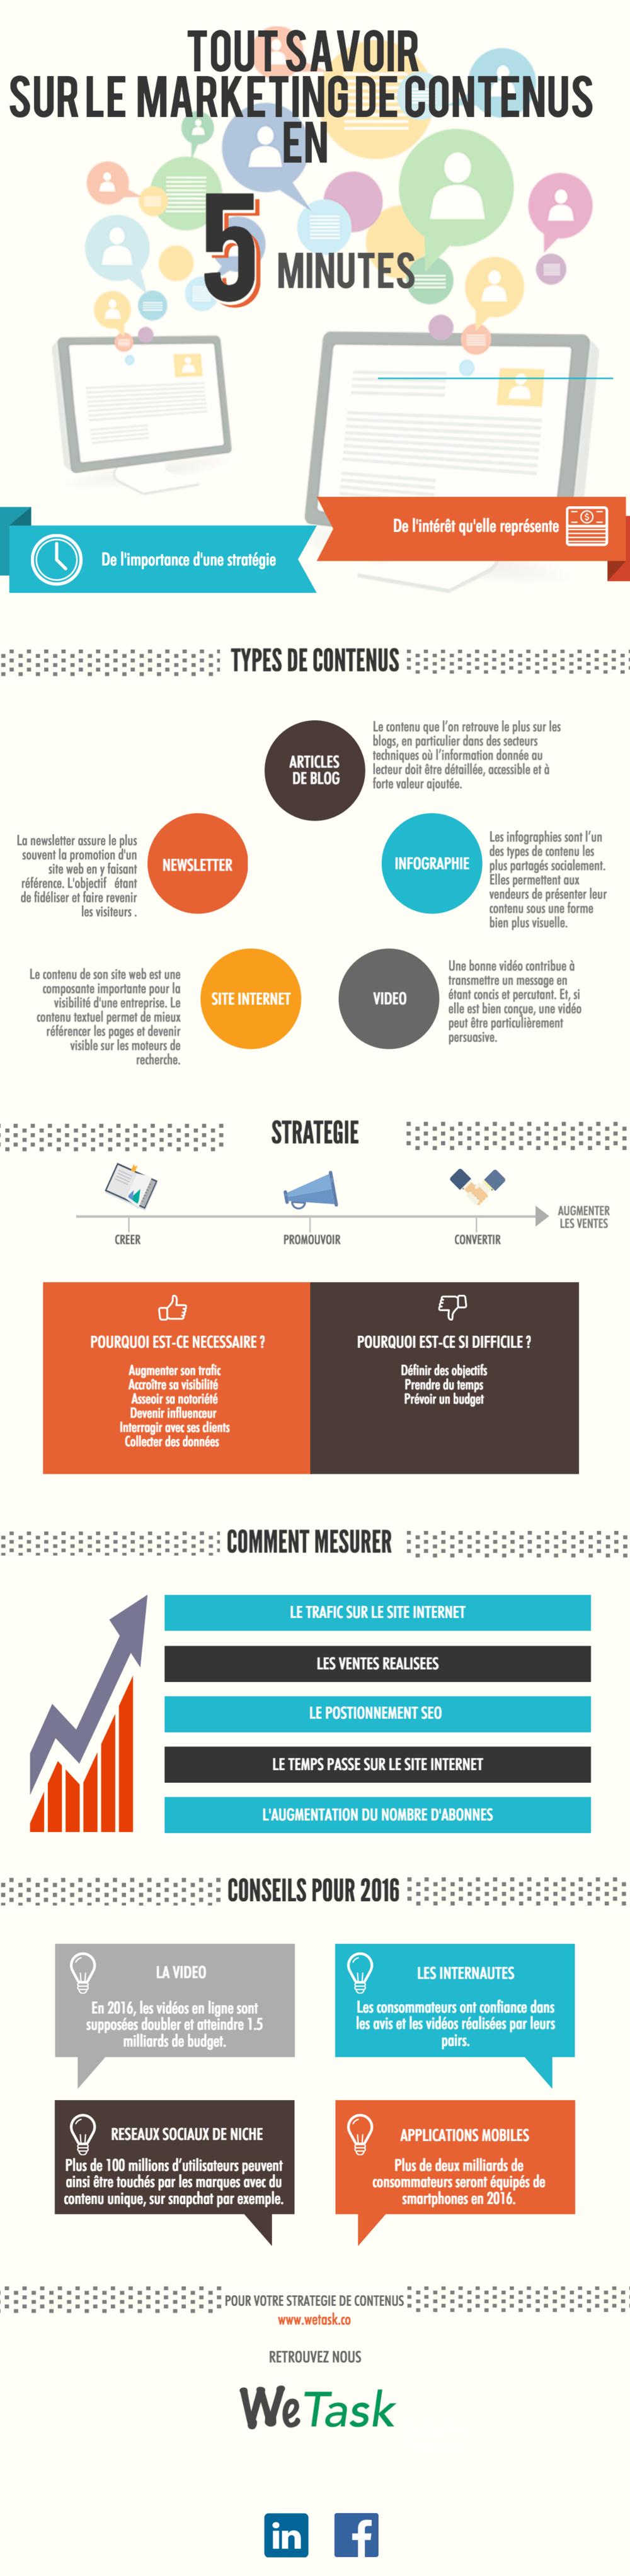 Tout savoir sur le marketing de contenus en 5 minutes (INFOGRAPHIE).png